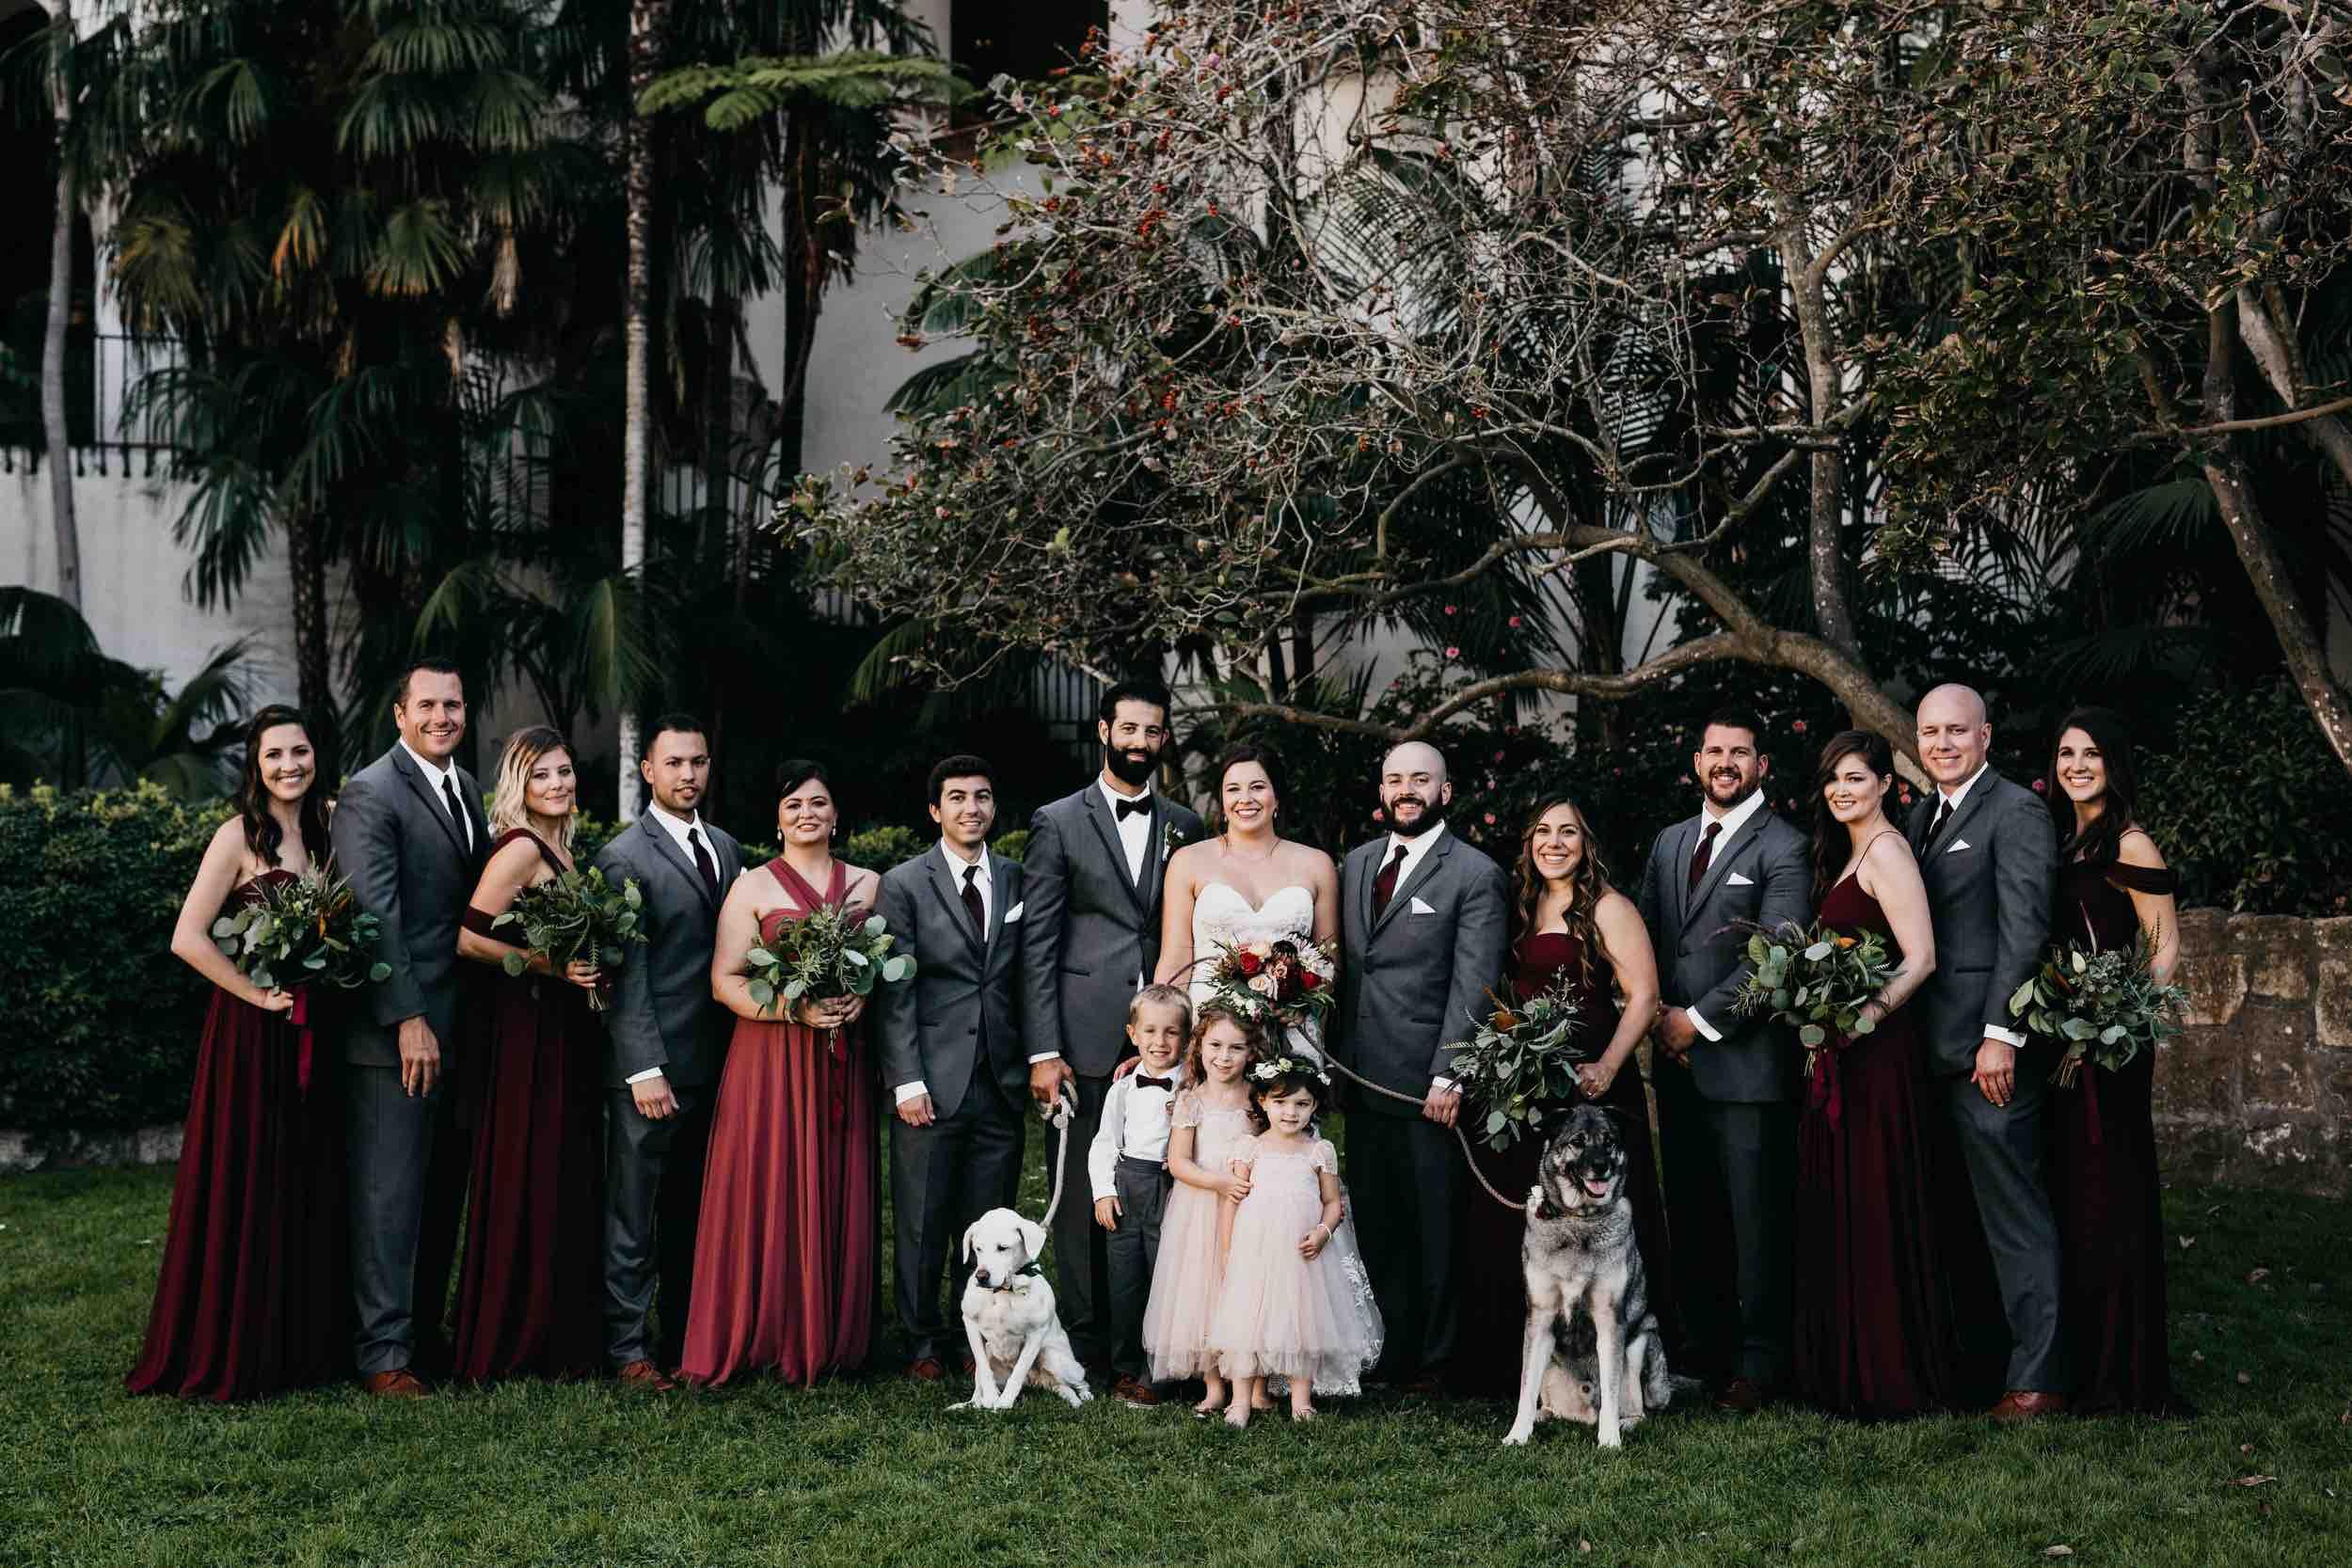 LaurenandSam_WeddingParty15.jpeg